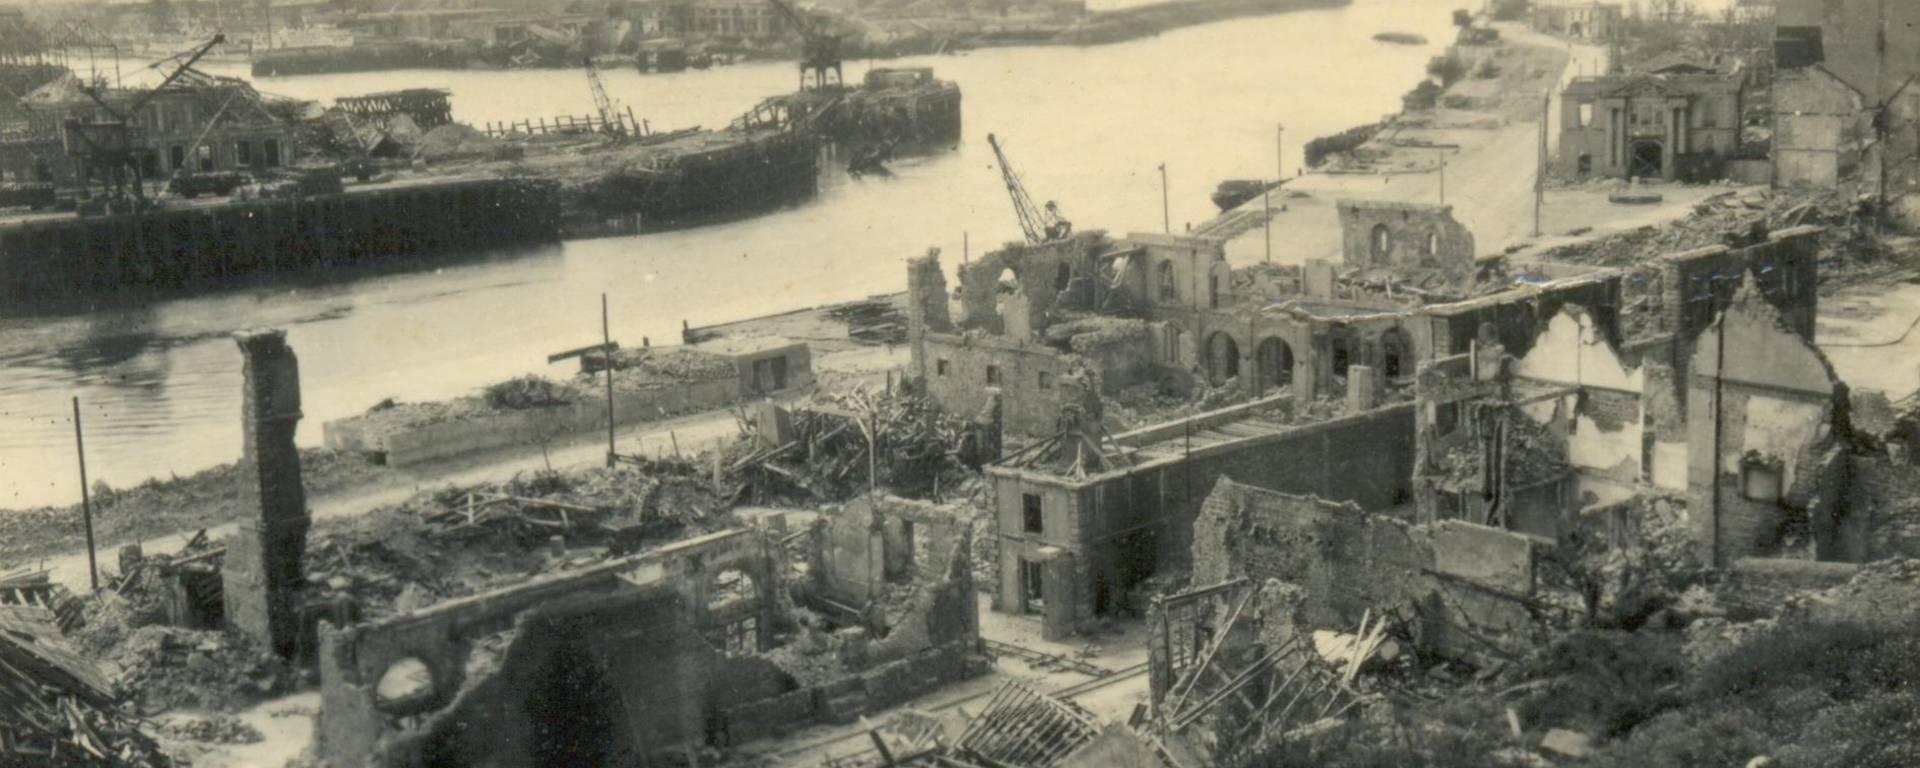 Boulogne-sur-Mer à la fin de la Seconde Guerre Mondiale